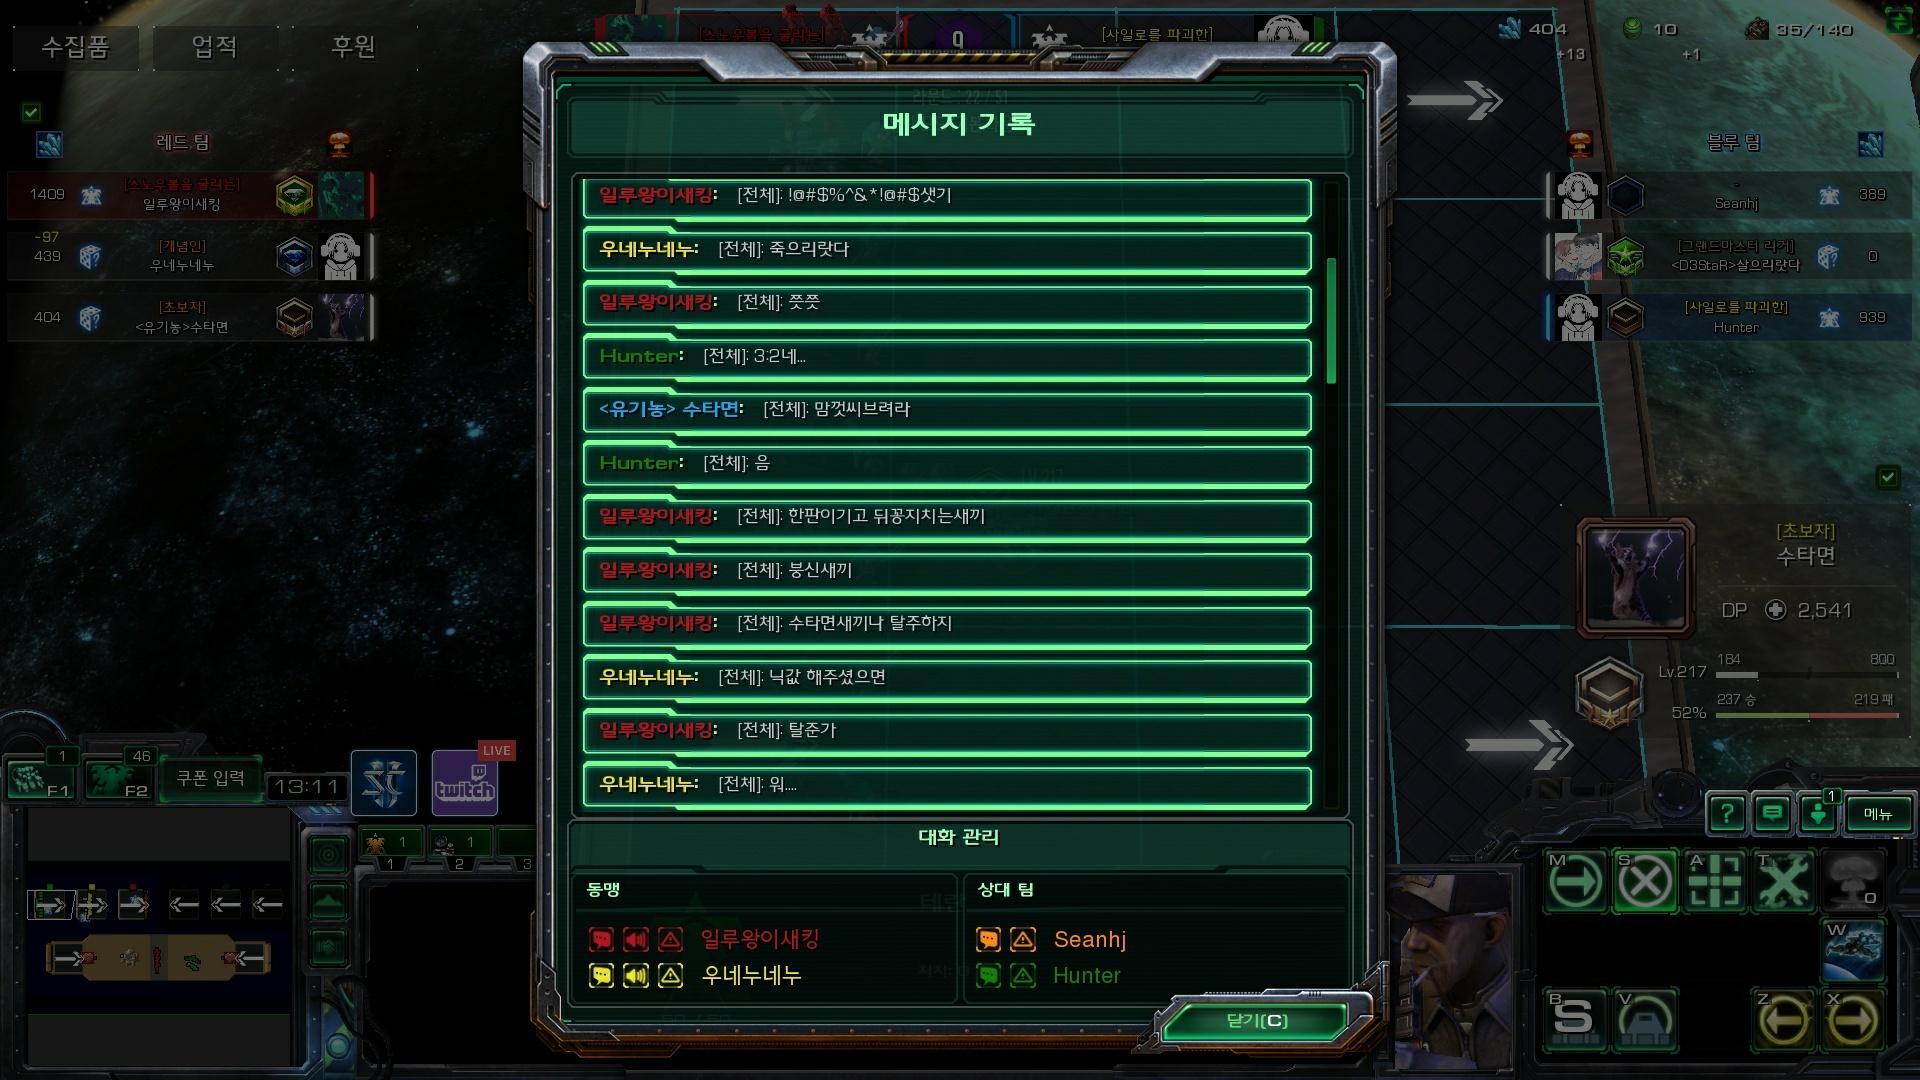 Screenshot2019-07-30 16_08_42.jpg